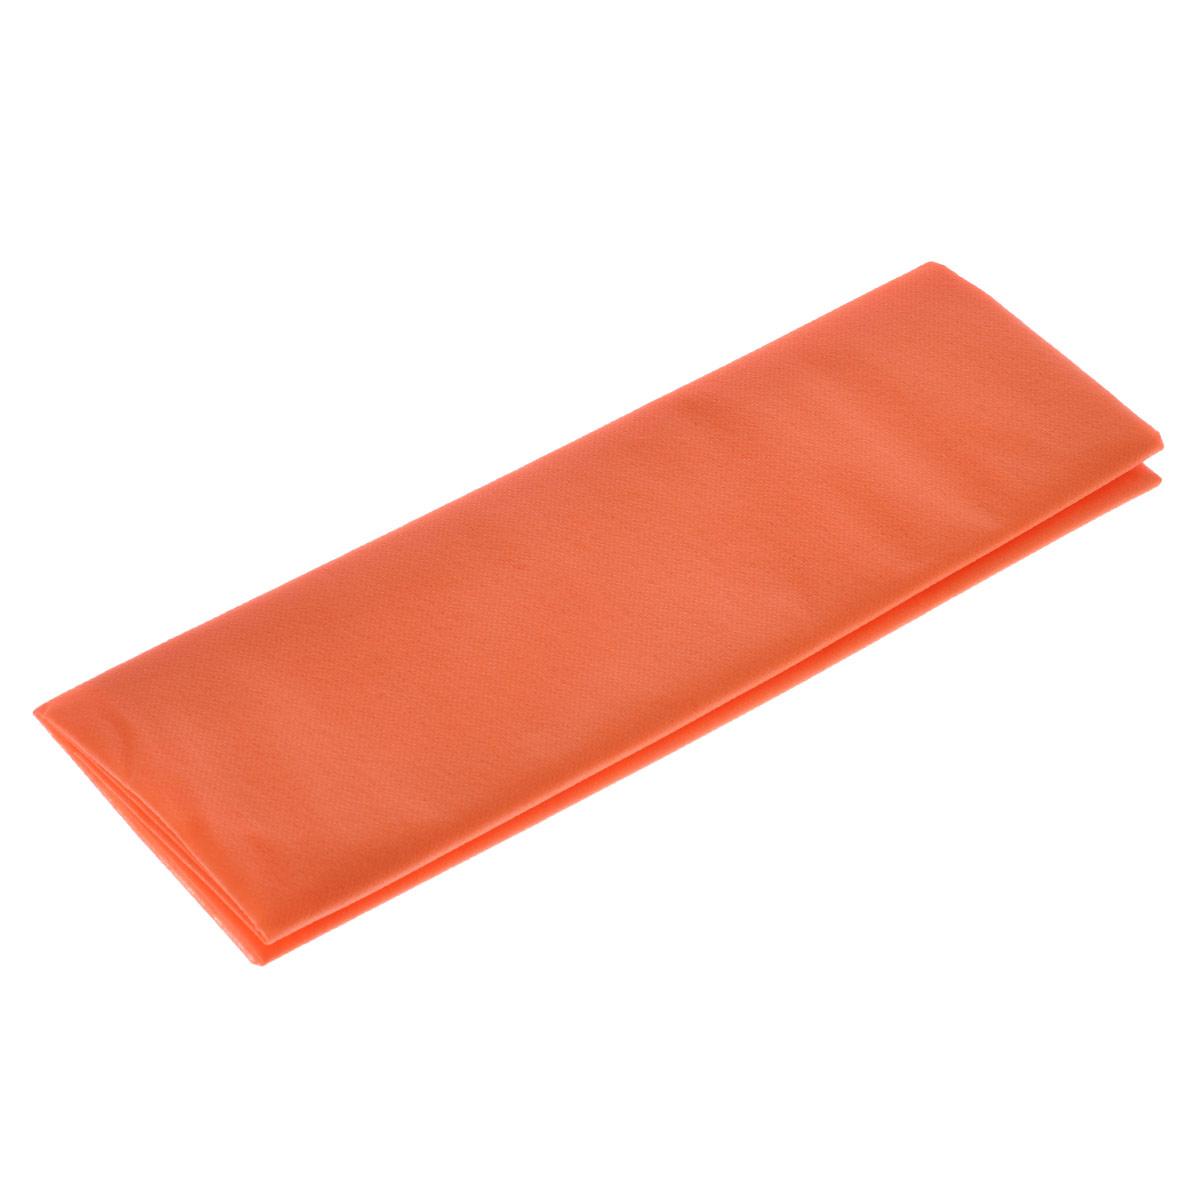 Скатерть одноразовая La Chista, цвет: оранжевый, 110x 140 смVT-1520(SR)Одноразовая скатерть La Chista выполнена из нетканого материала типа спанбонд. Удобна в применении дома и на природе. Скатерть защищает поверхности от царапин. Прекрасно подойдет для шумной вечеринки, на которой можно запросто испортить скатерть вином, жирной едой. Добавляет ярких красок любому мероприятию.